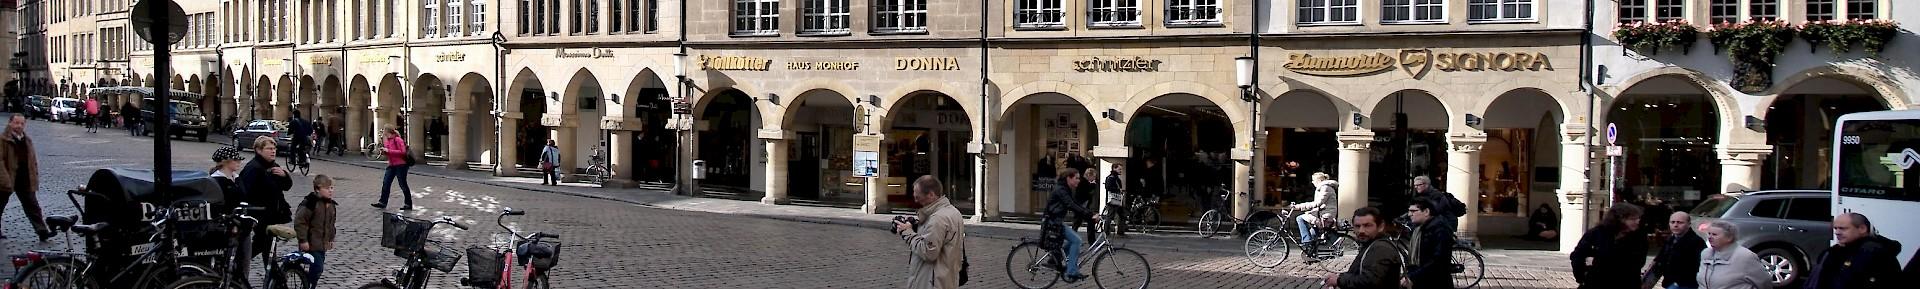 Reisetipps für Münster, NRW